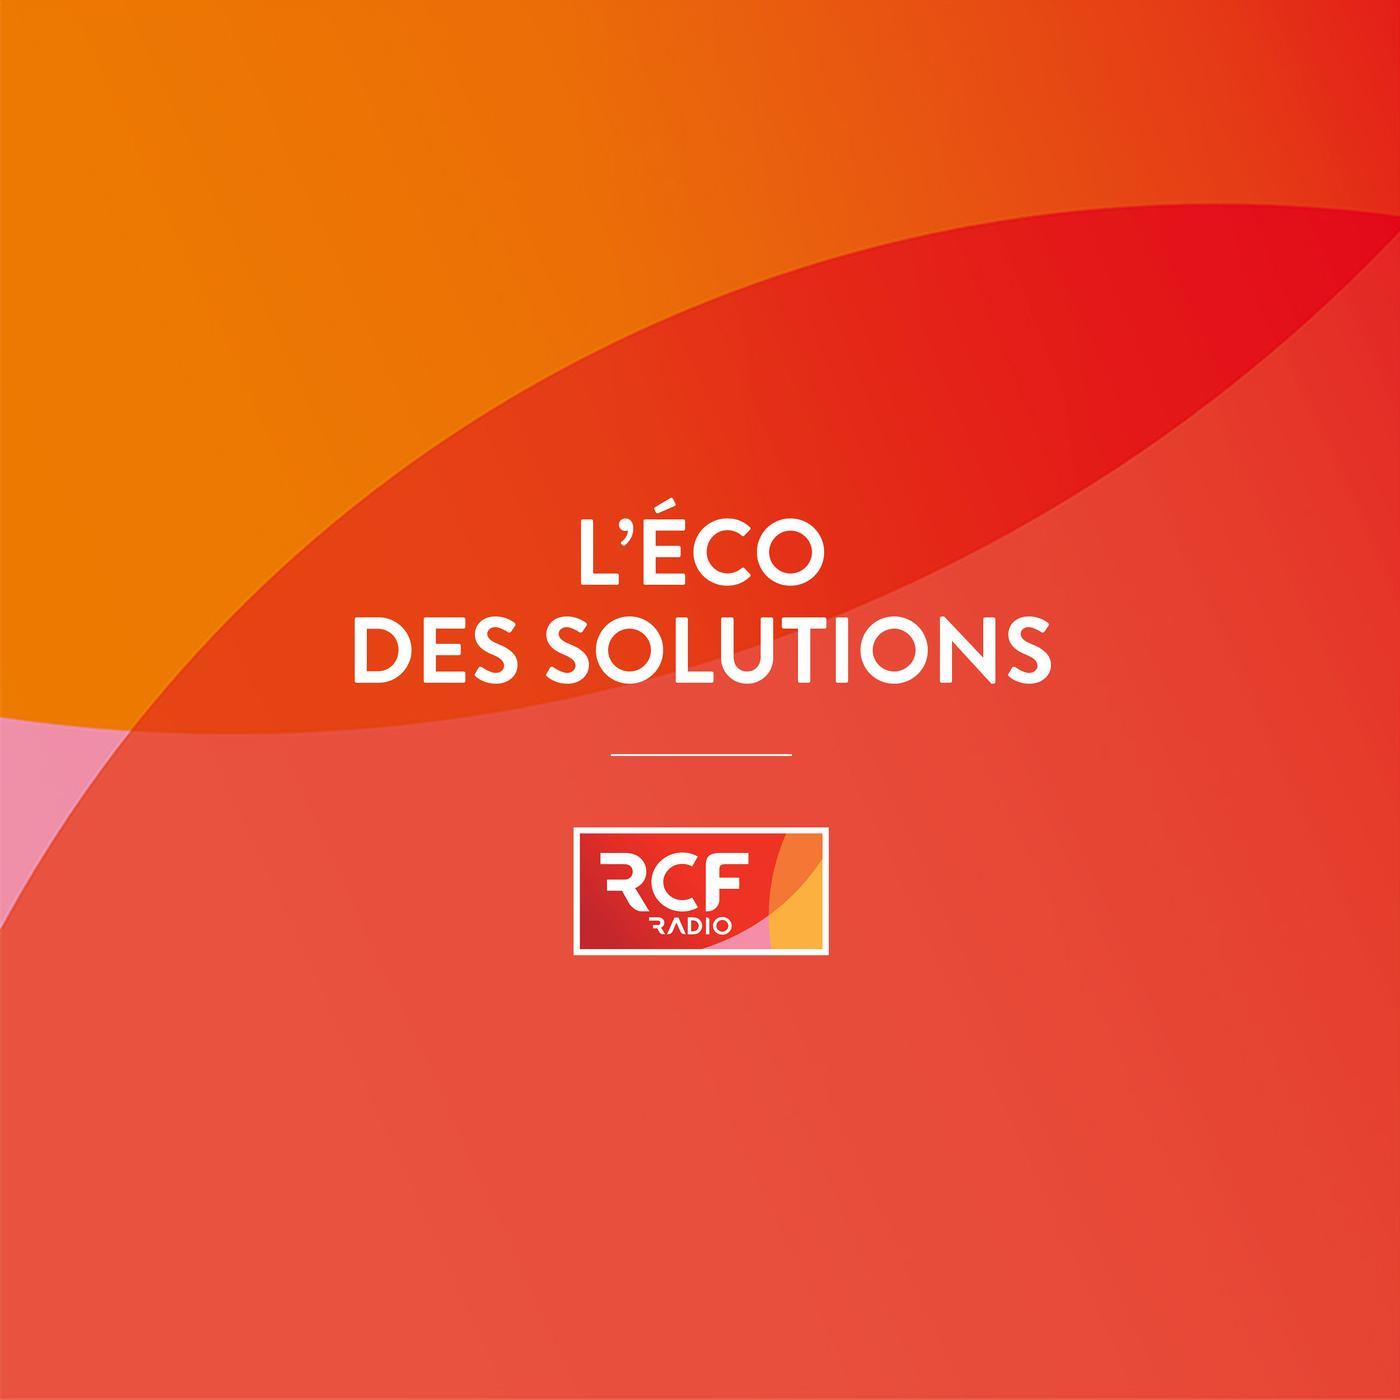 L'Eco des solutions, l'émission de Patrick Lonchampt